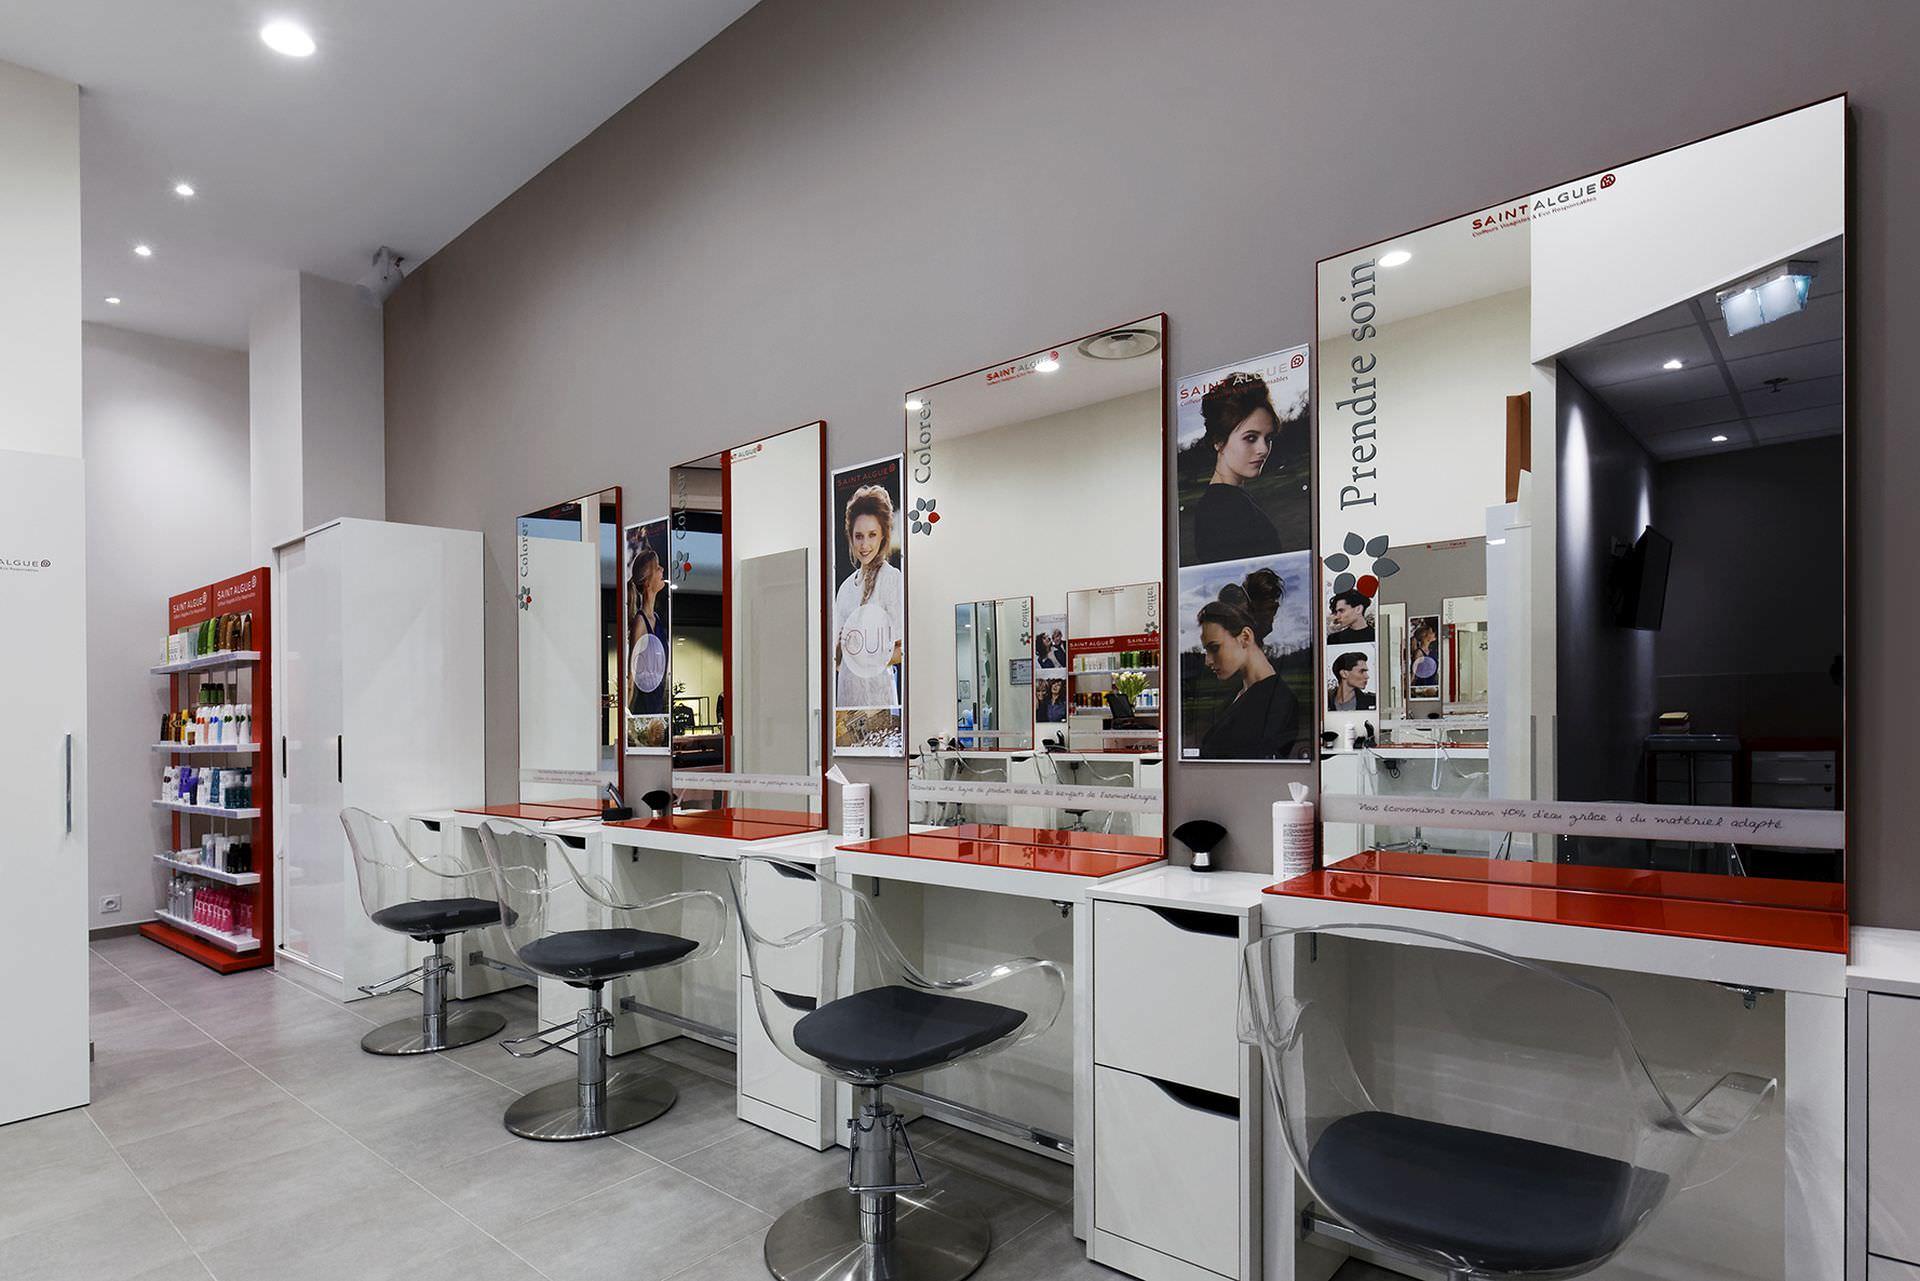 amenagement-salon-coiffure-saint-algue-005